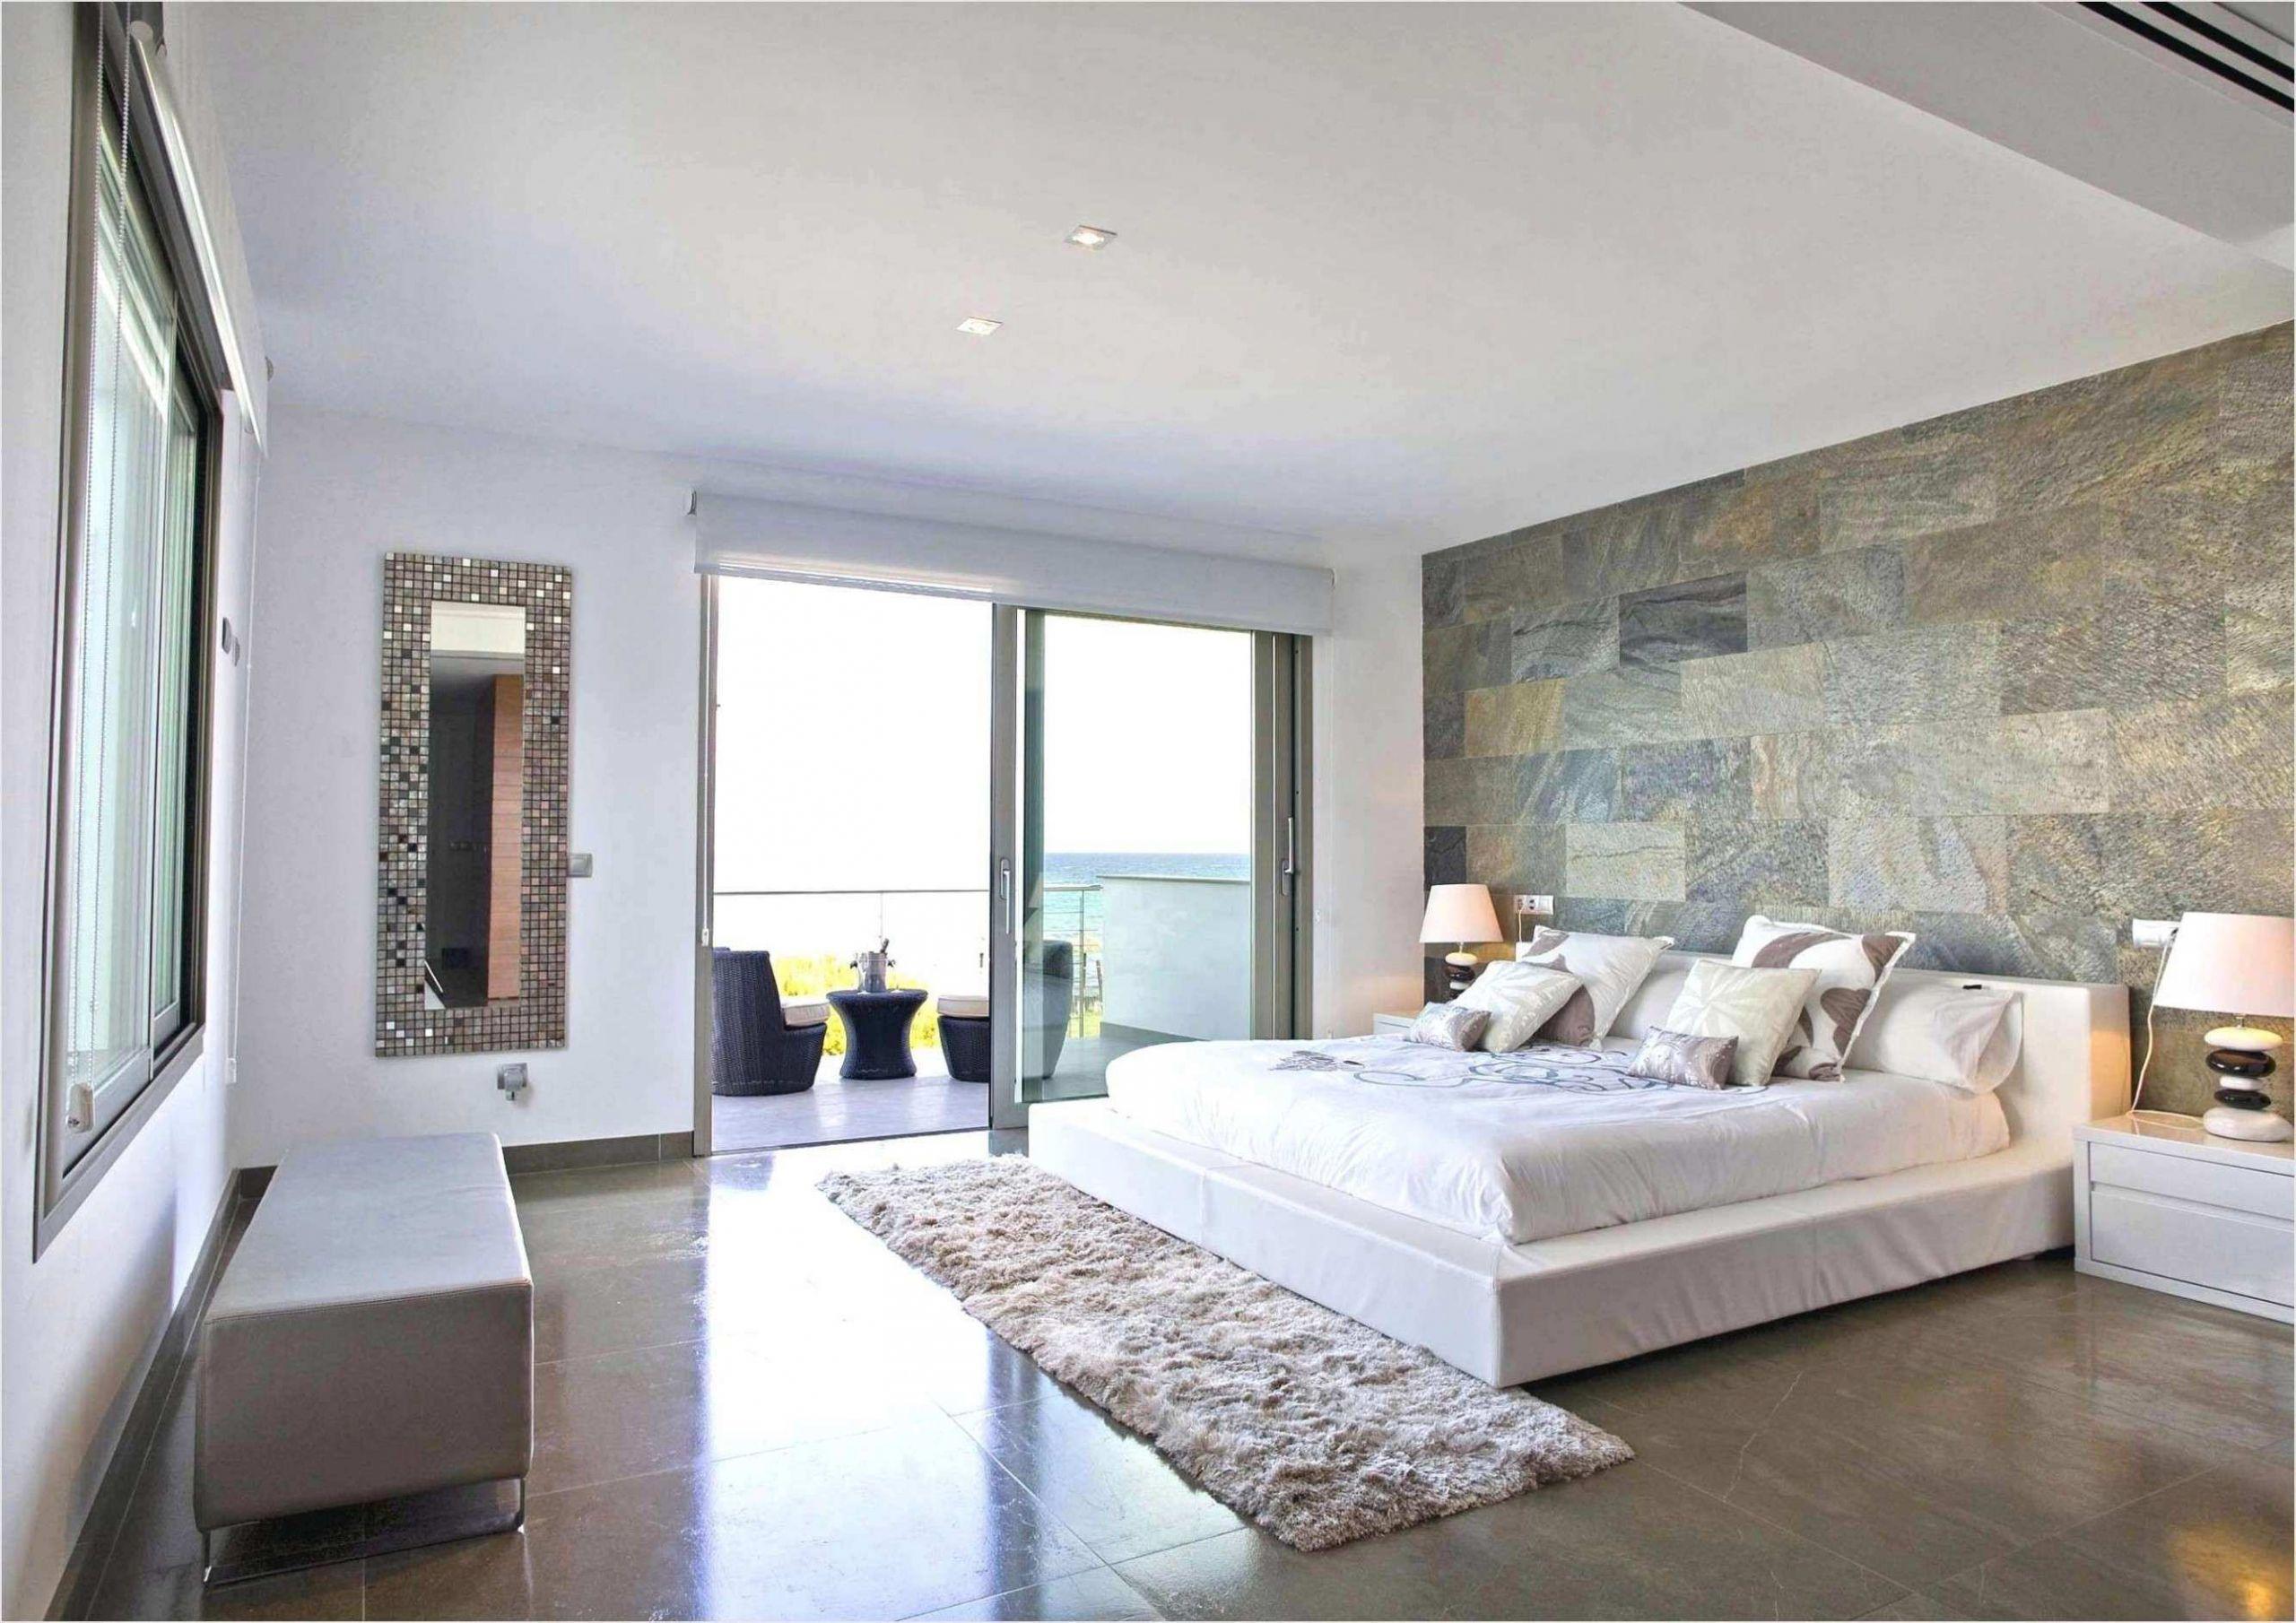 wanddeko wohnzimmer selber machen reizend wanddeko wohnzimmer ideen neu wanddekoration wohnzimmer 0d of wanddeko wohnzimmer selber machen